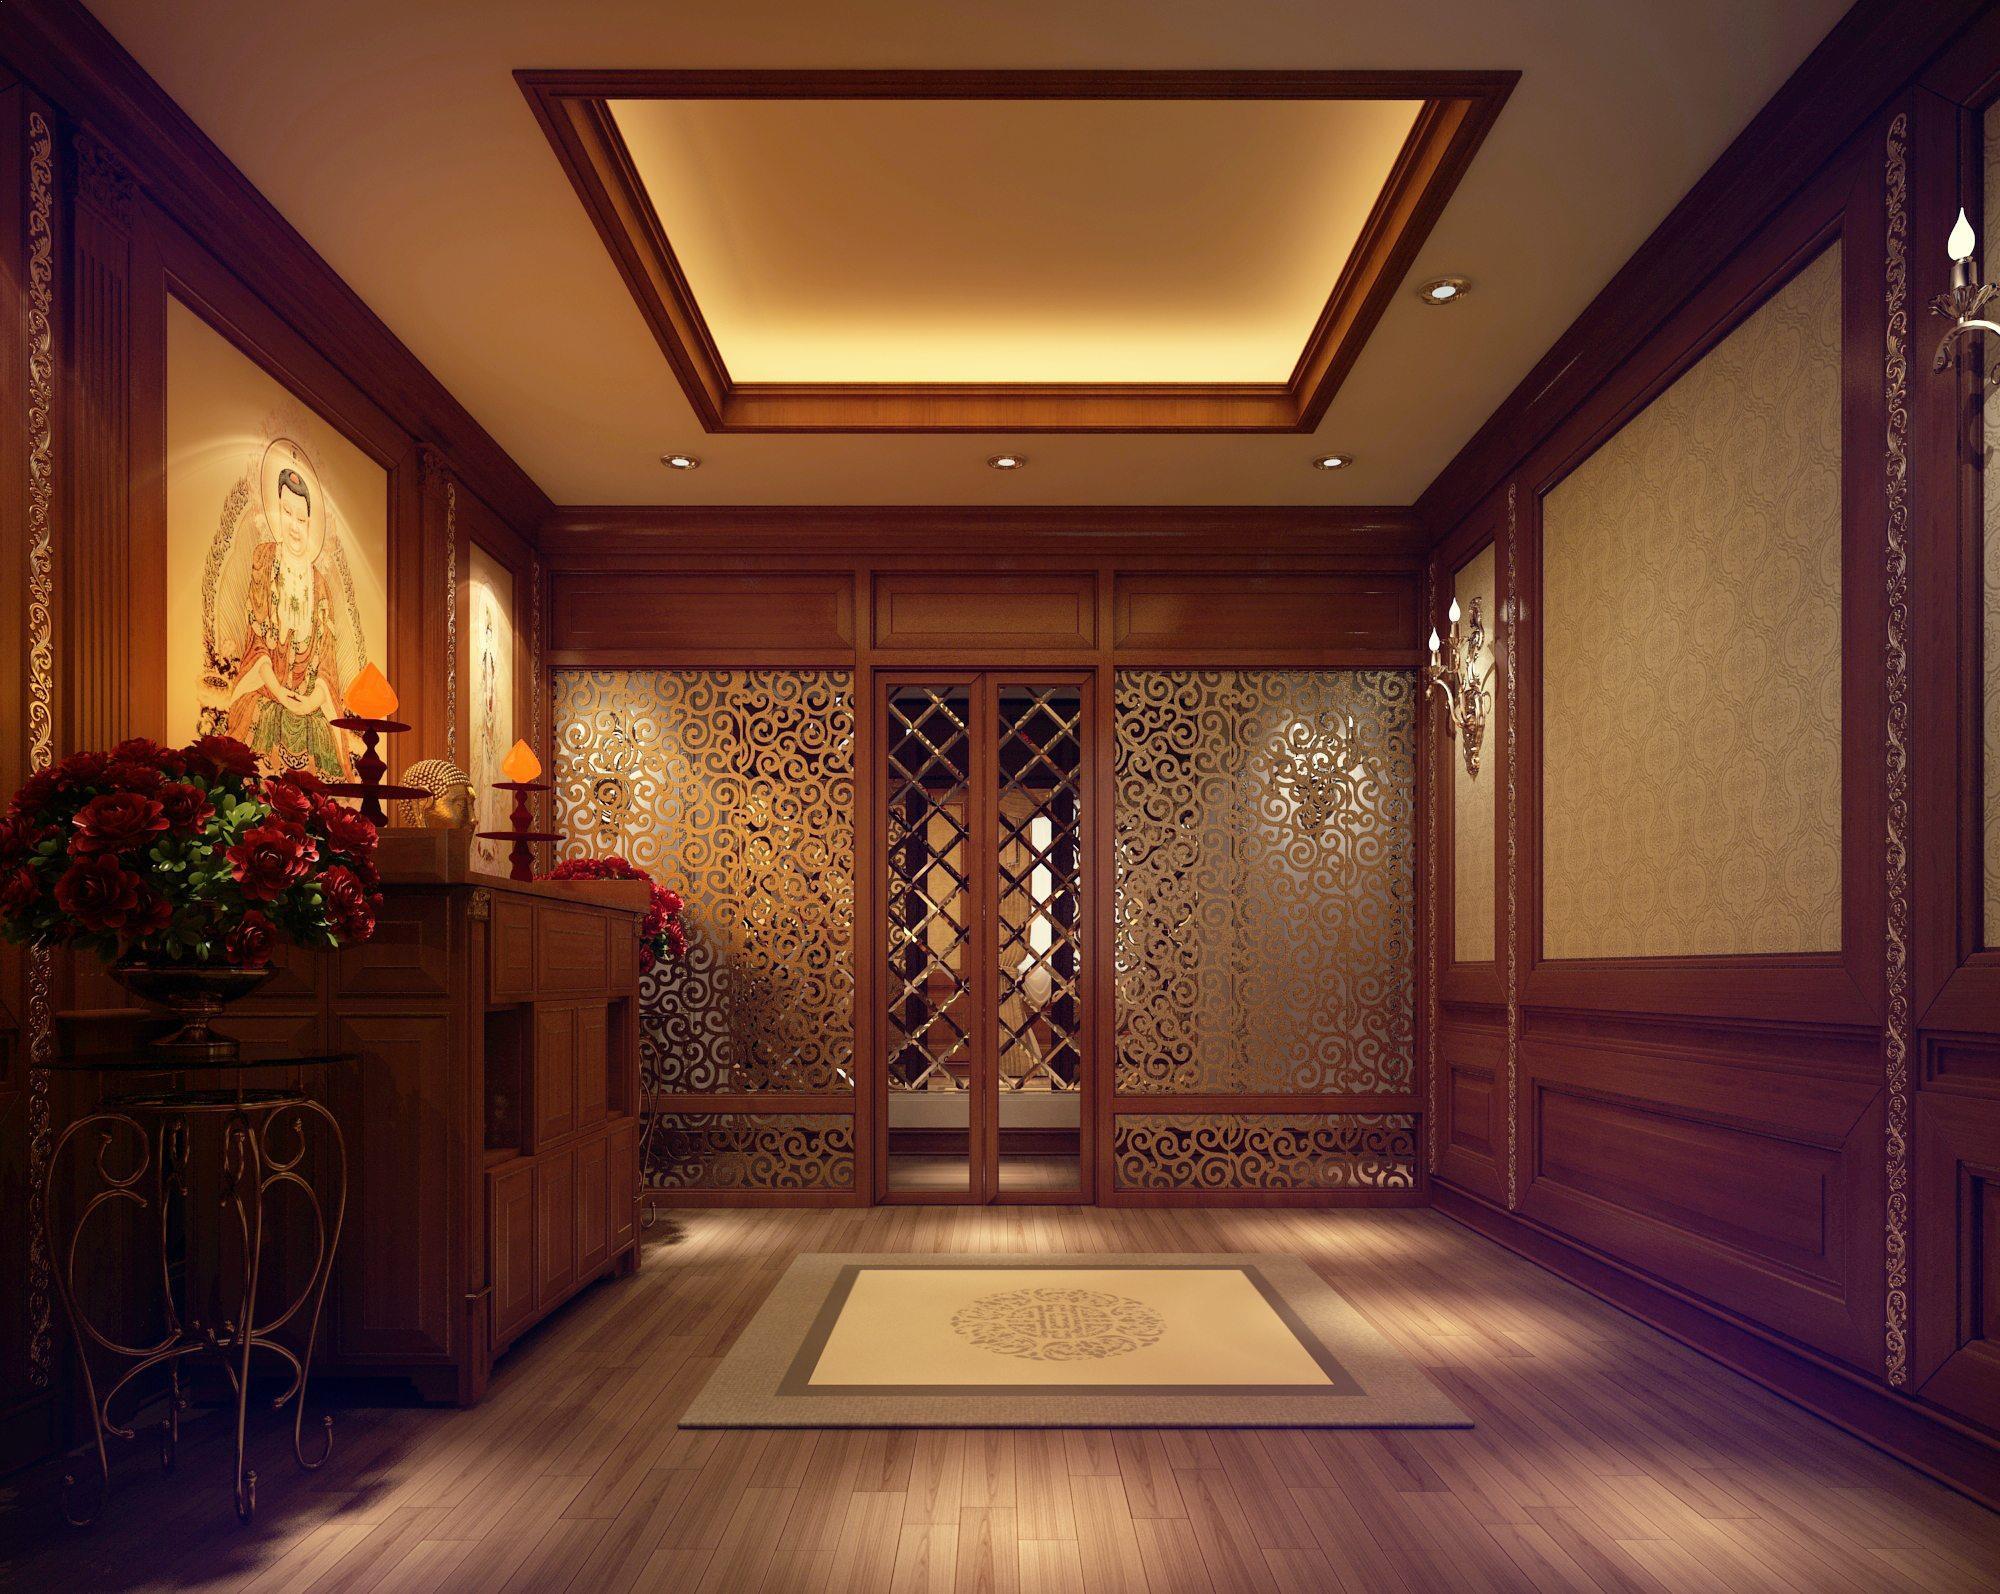 Mẫu thiết kế phòng thờ sang trọng CHUẨN phong thủy